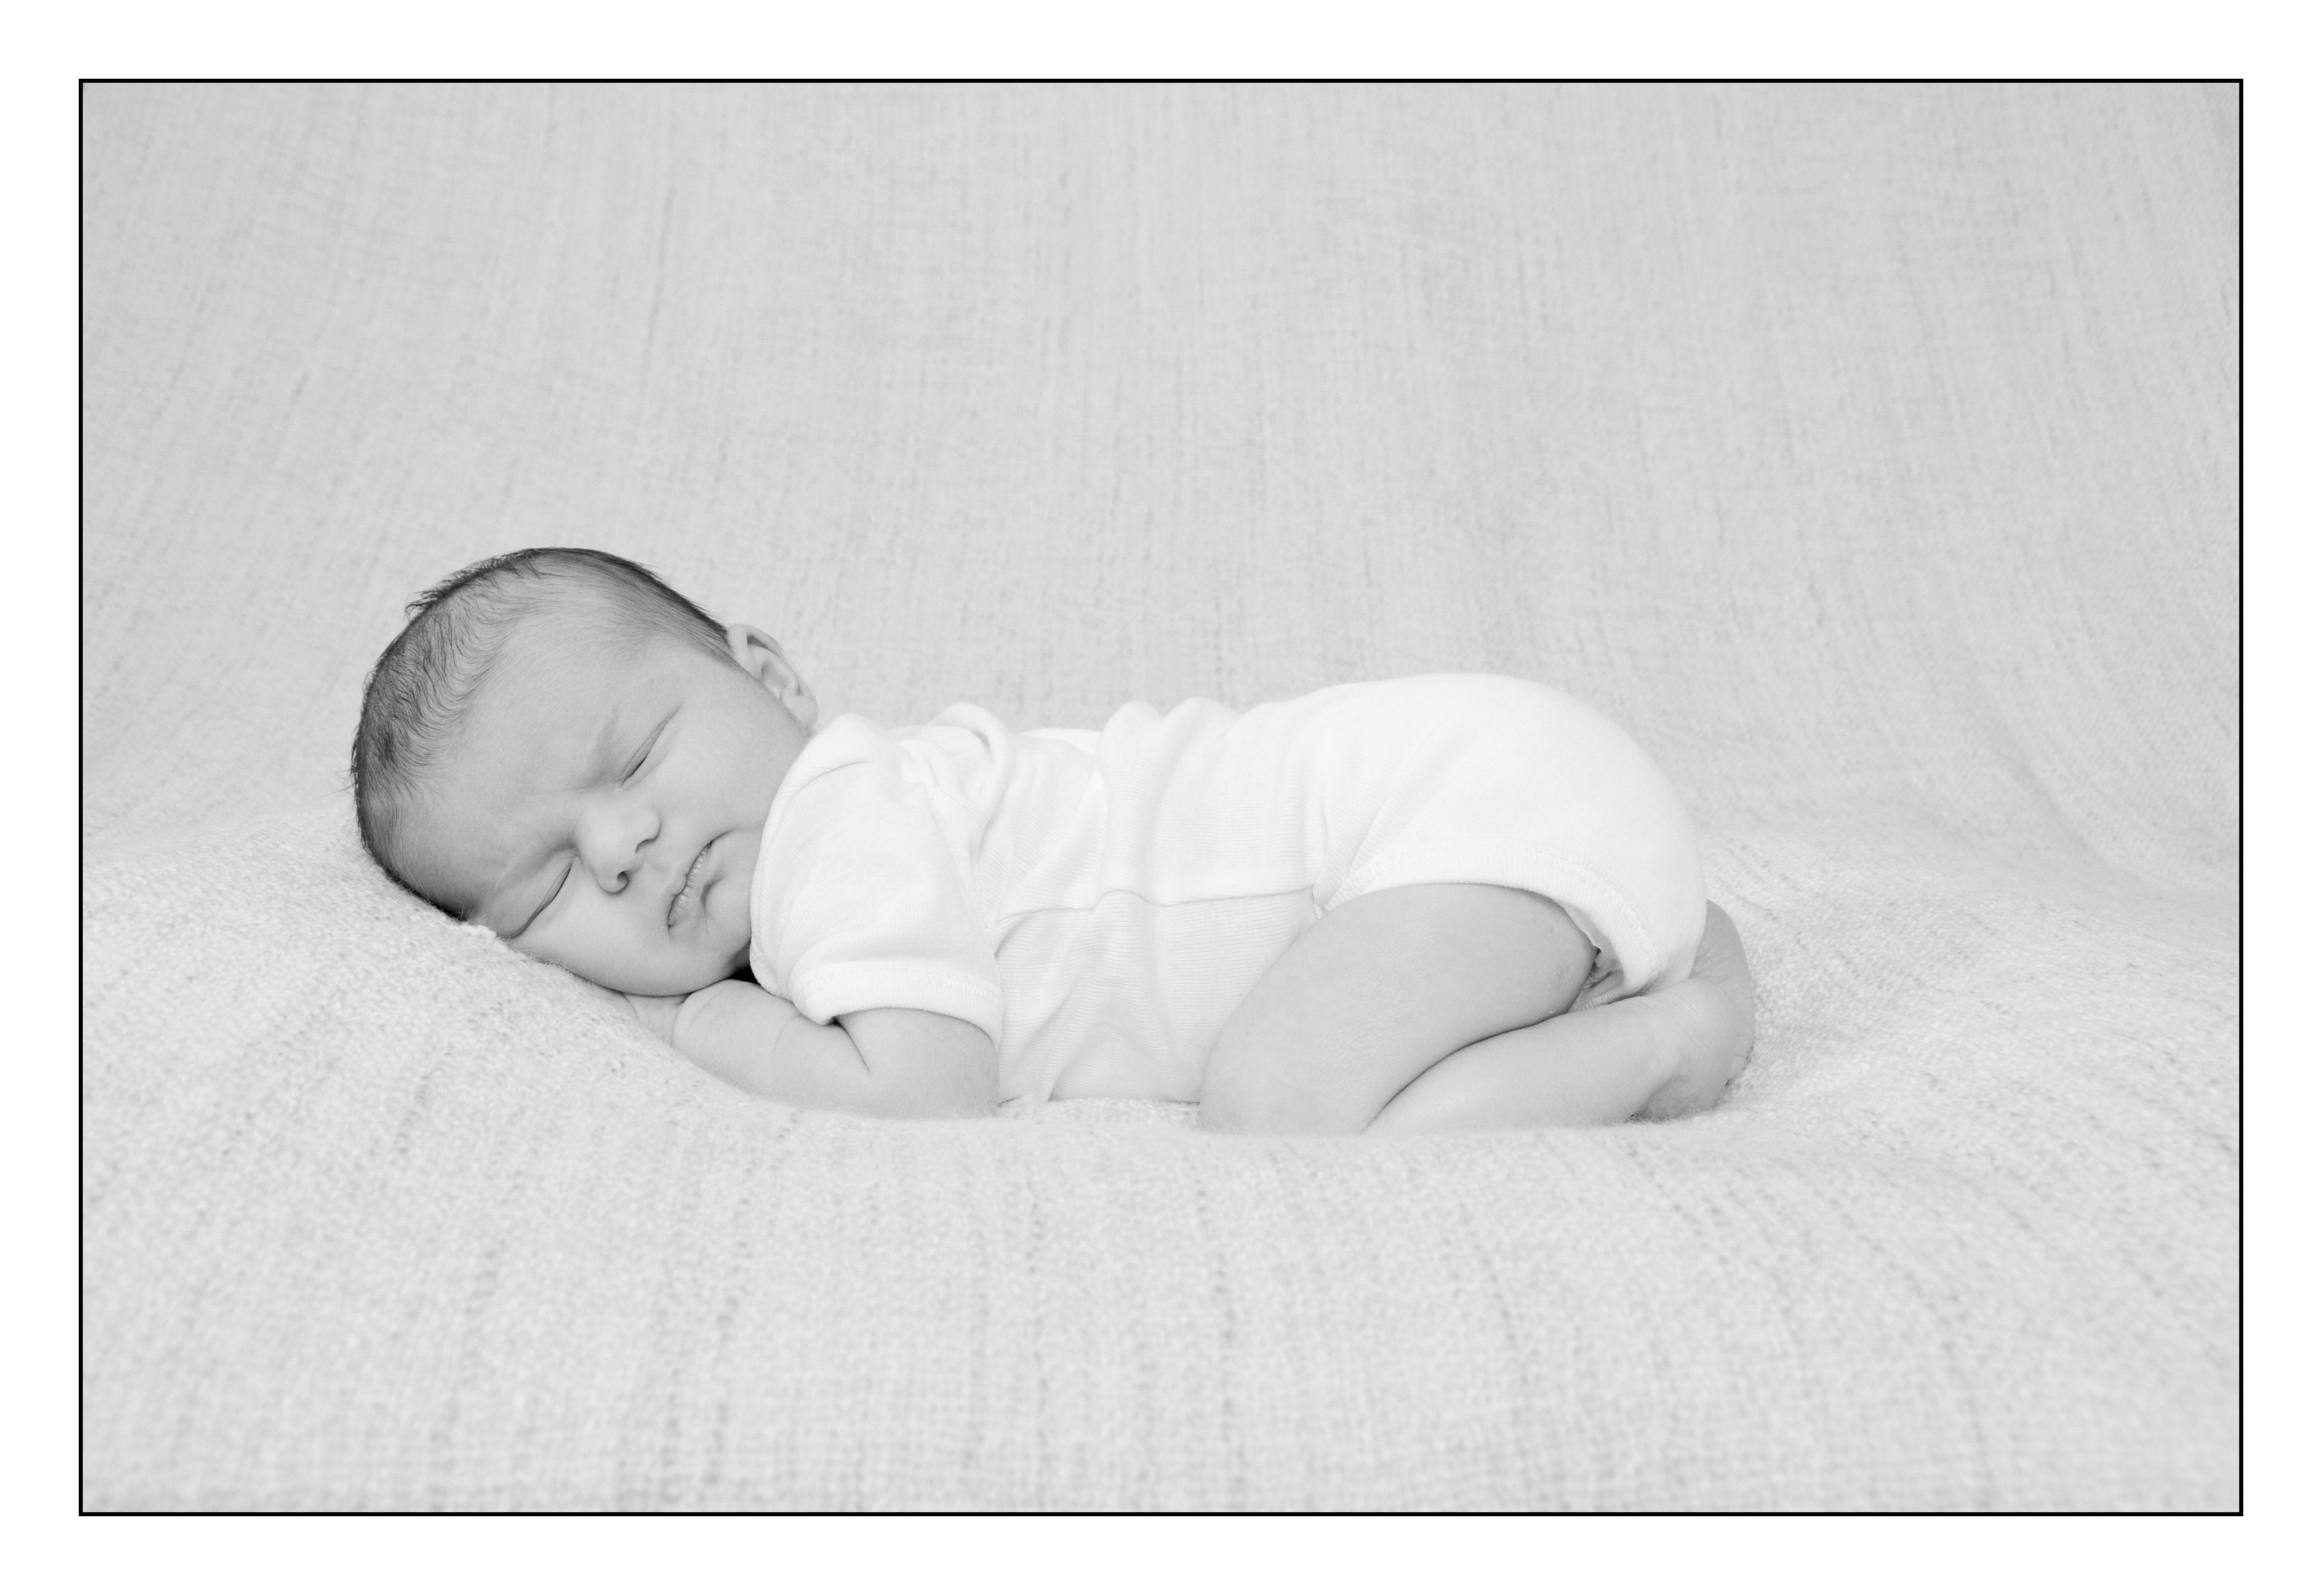 Babyfotografie_Nadine Grenningloh187neu